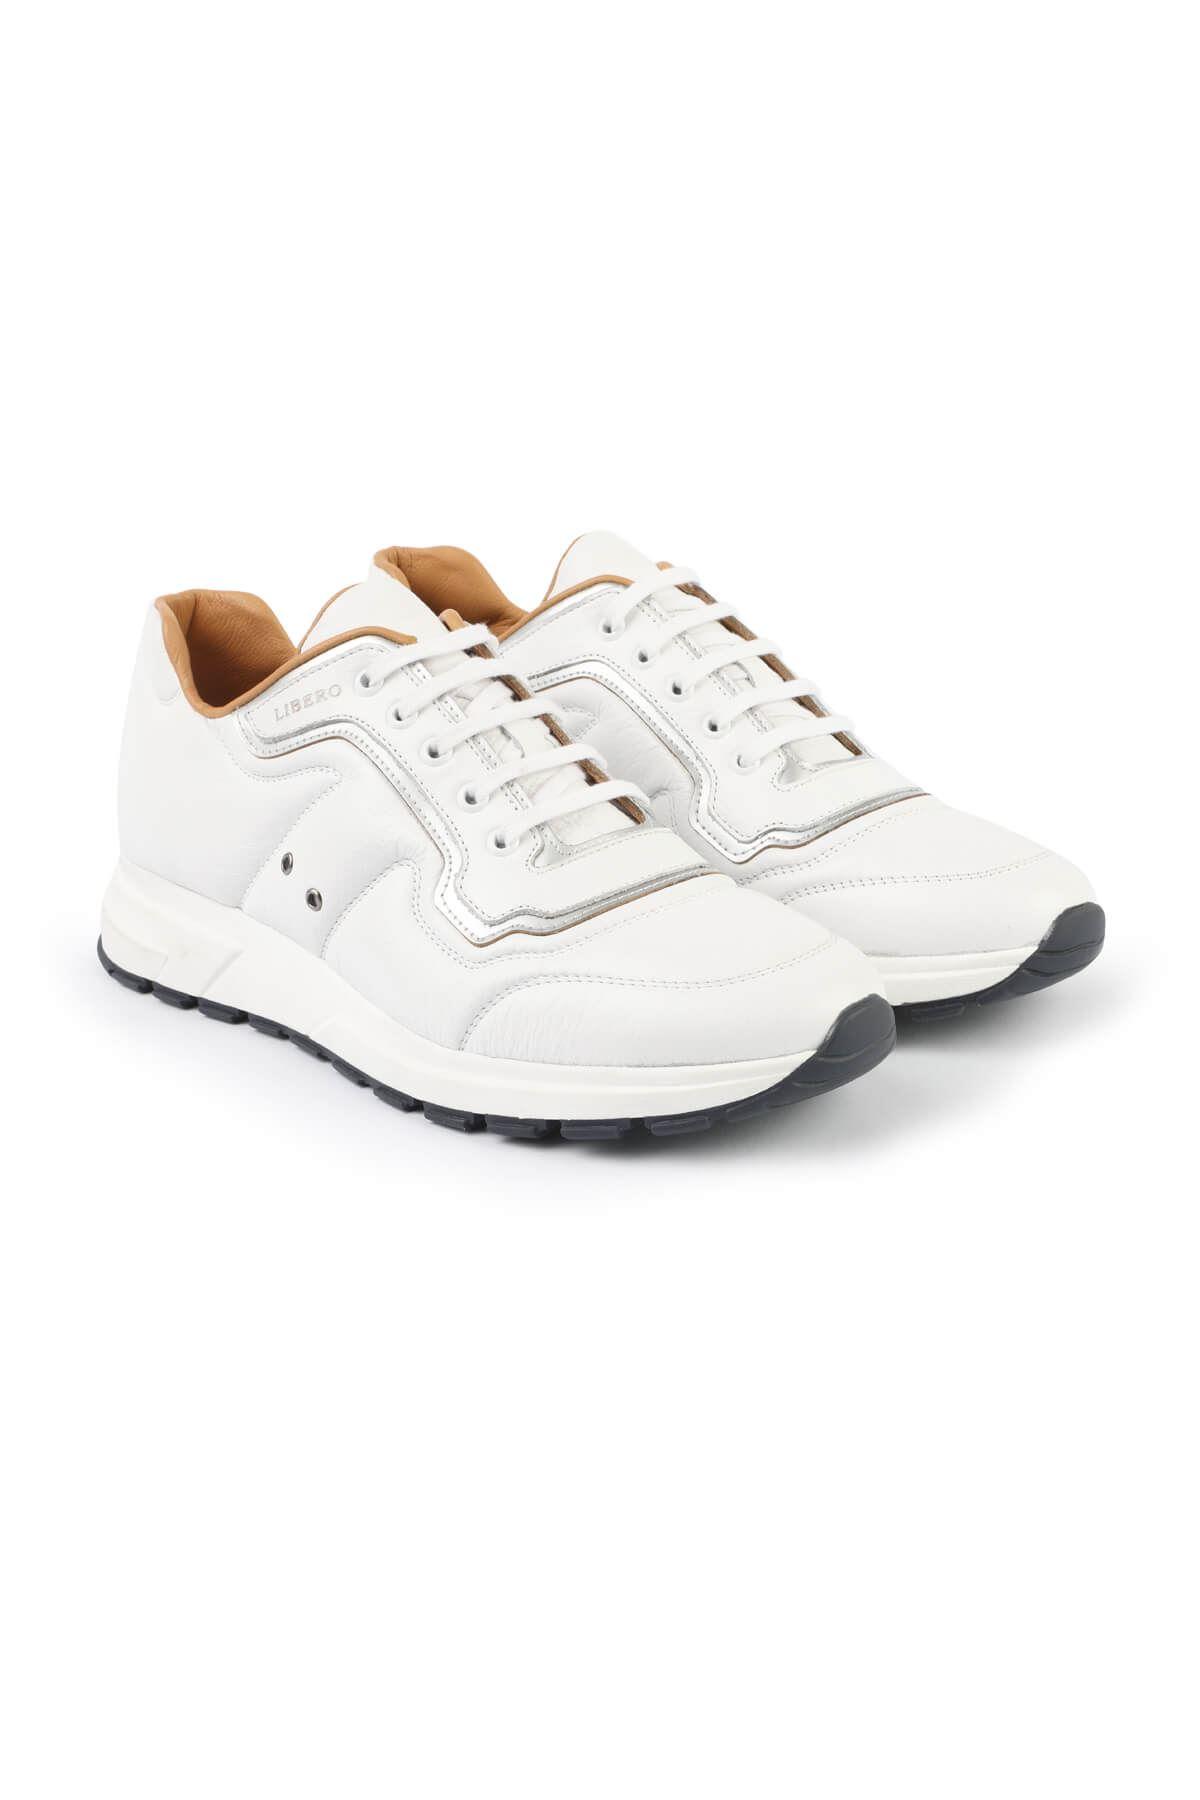 Libero 3149 White Sports Shoes